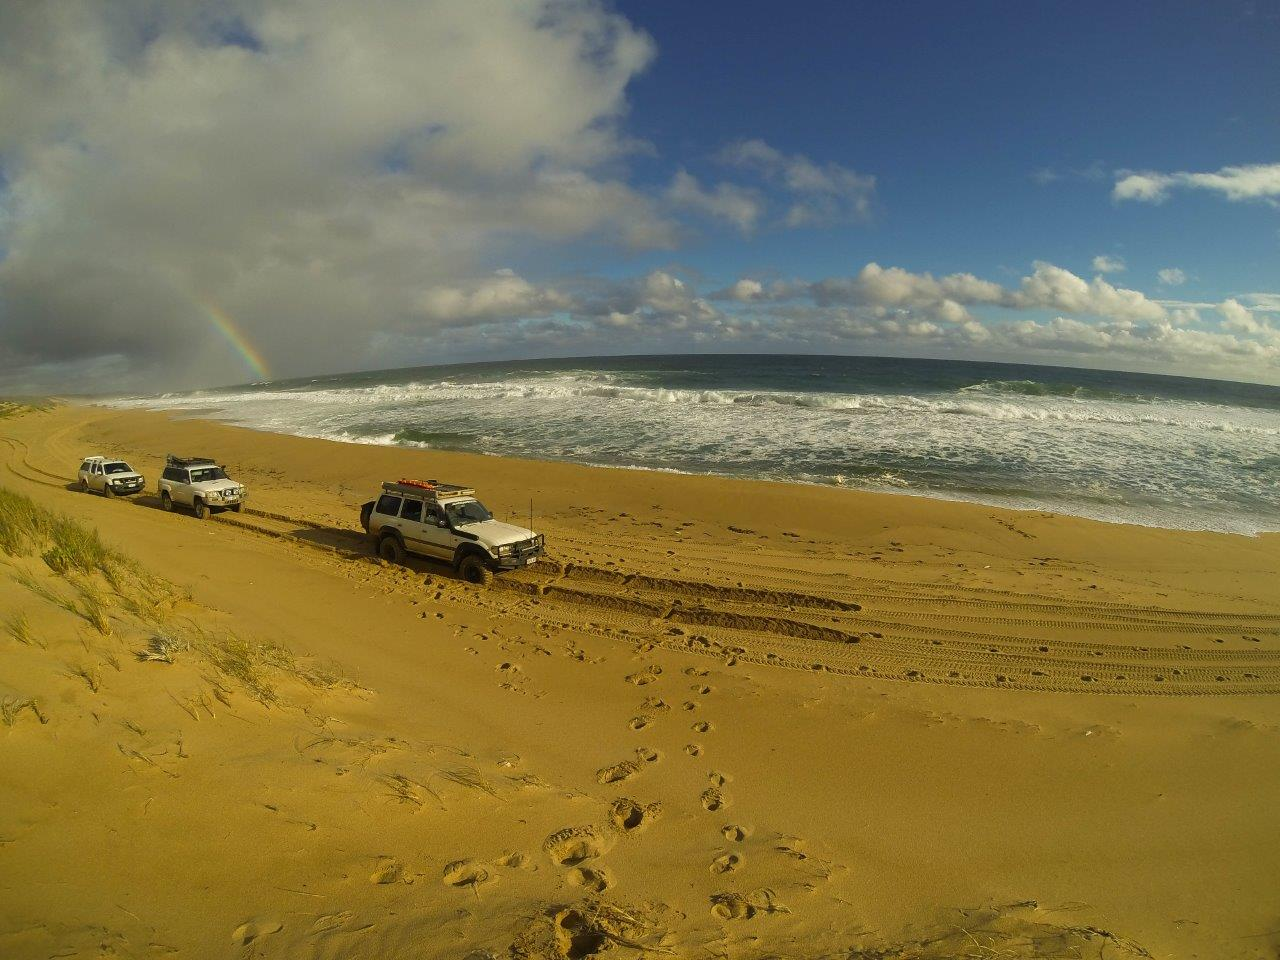 Milyeannup Beach Driving